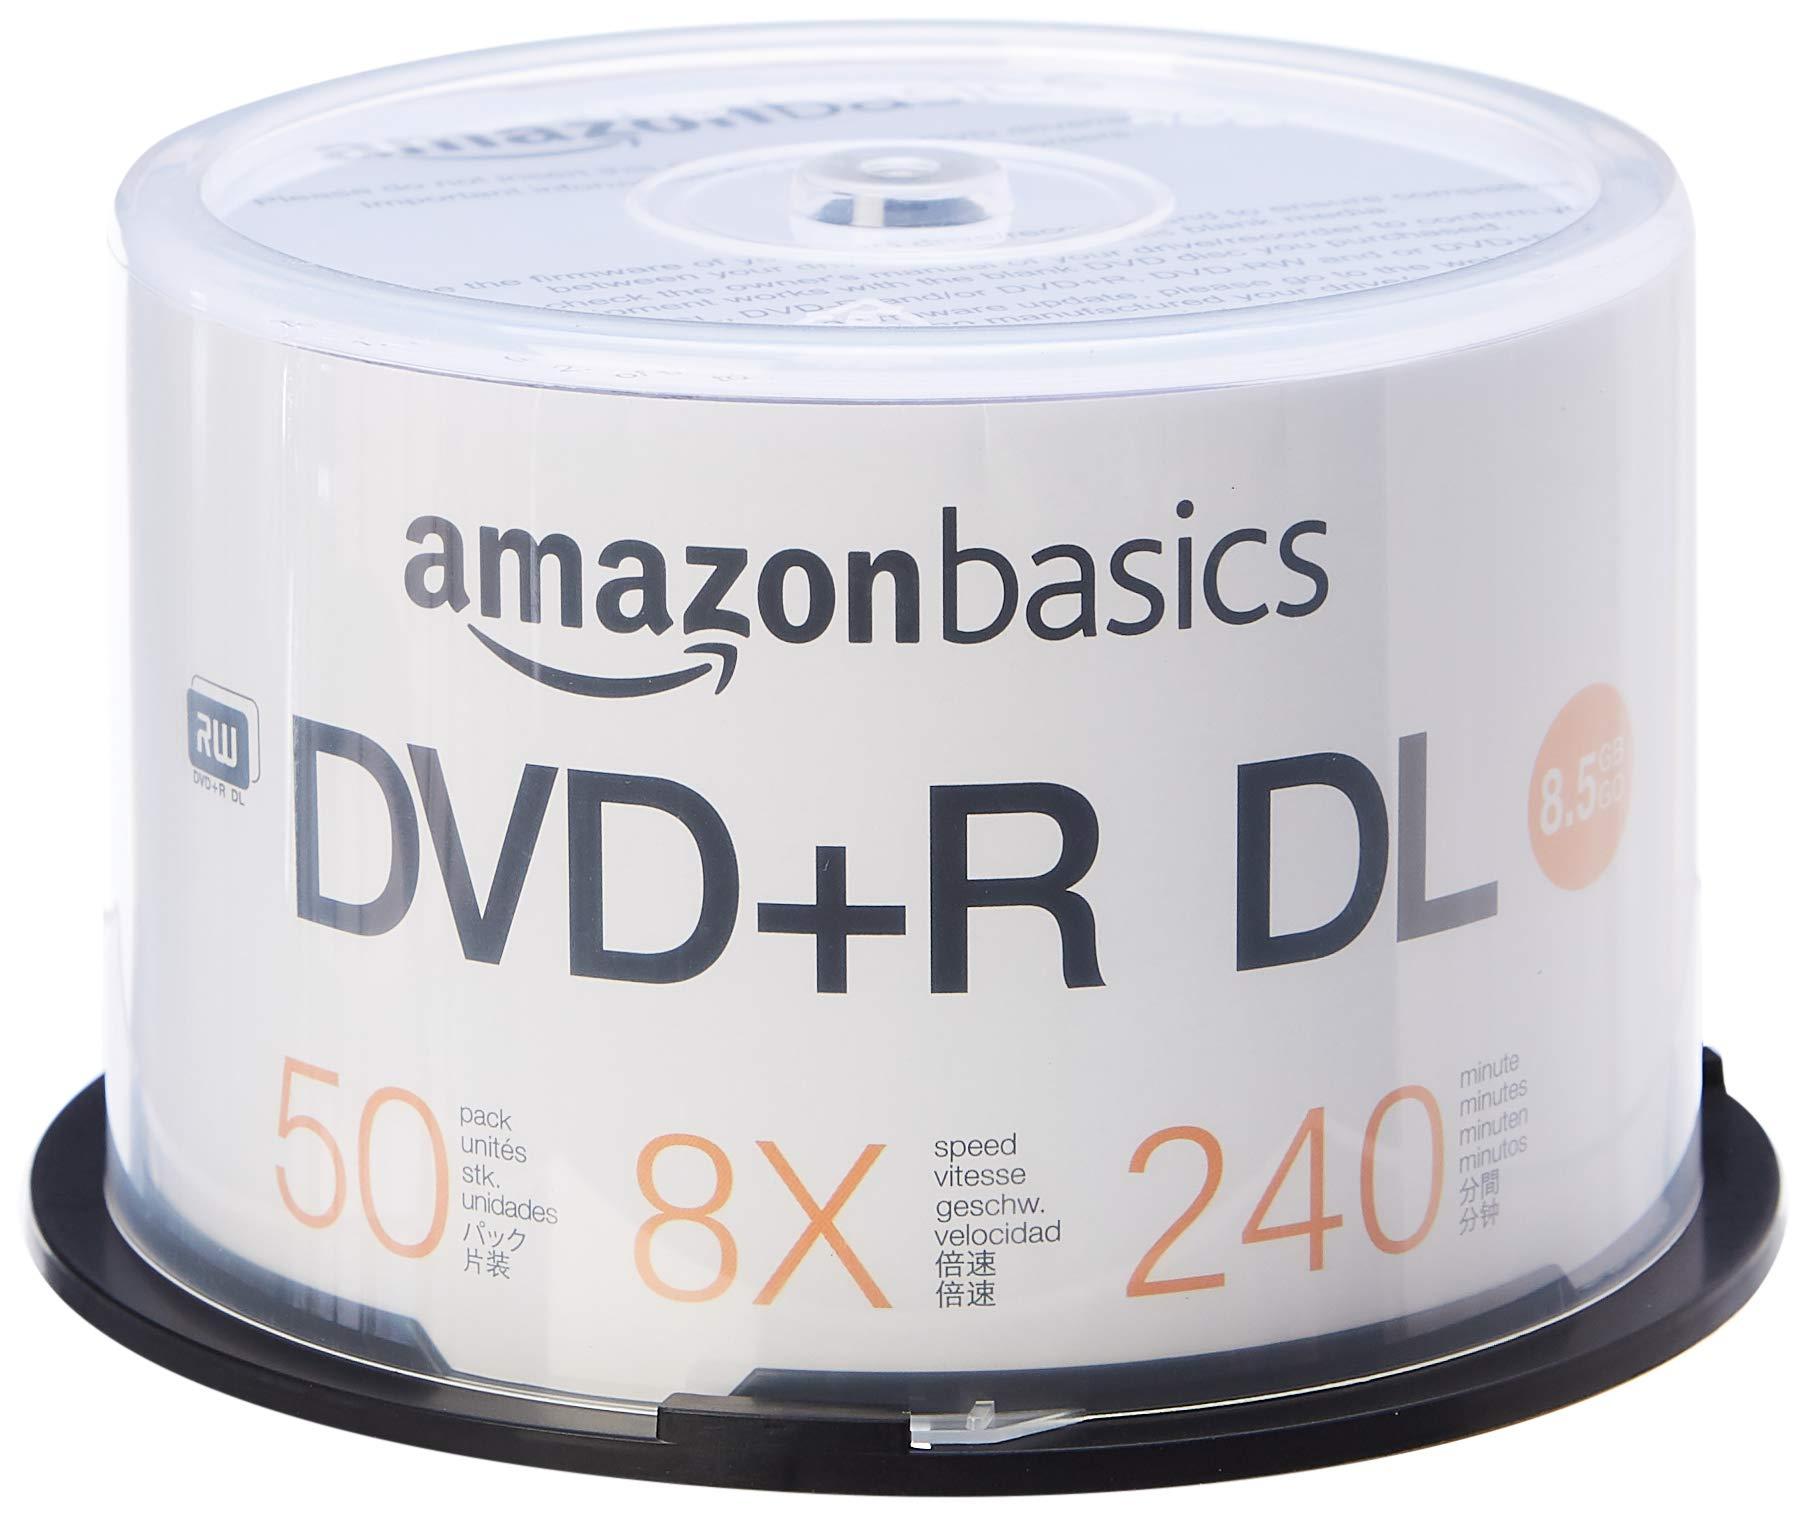 AmazonBasics - Paquete de discos DVD+R DL 8x de 8,5 GB, 50 unidades: Amazon.es: Electrónica